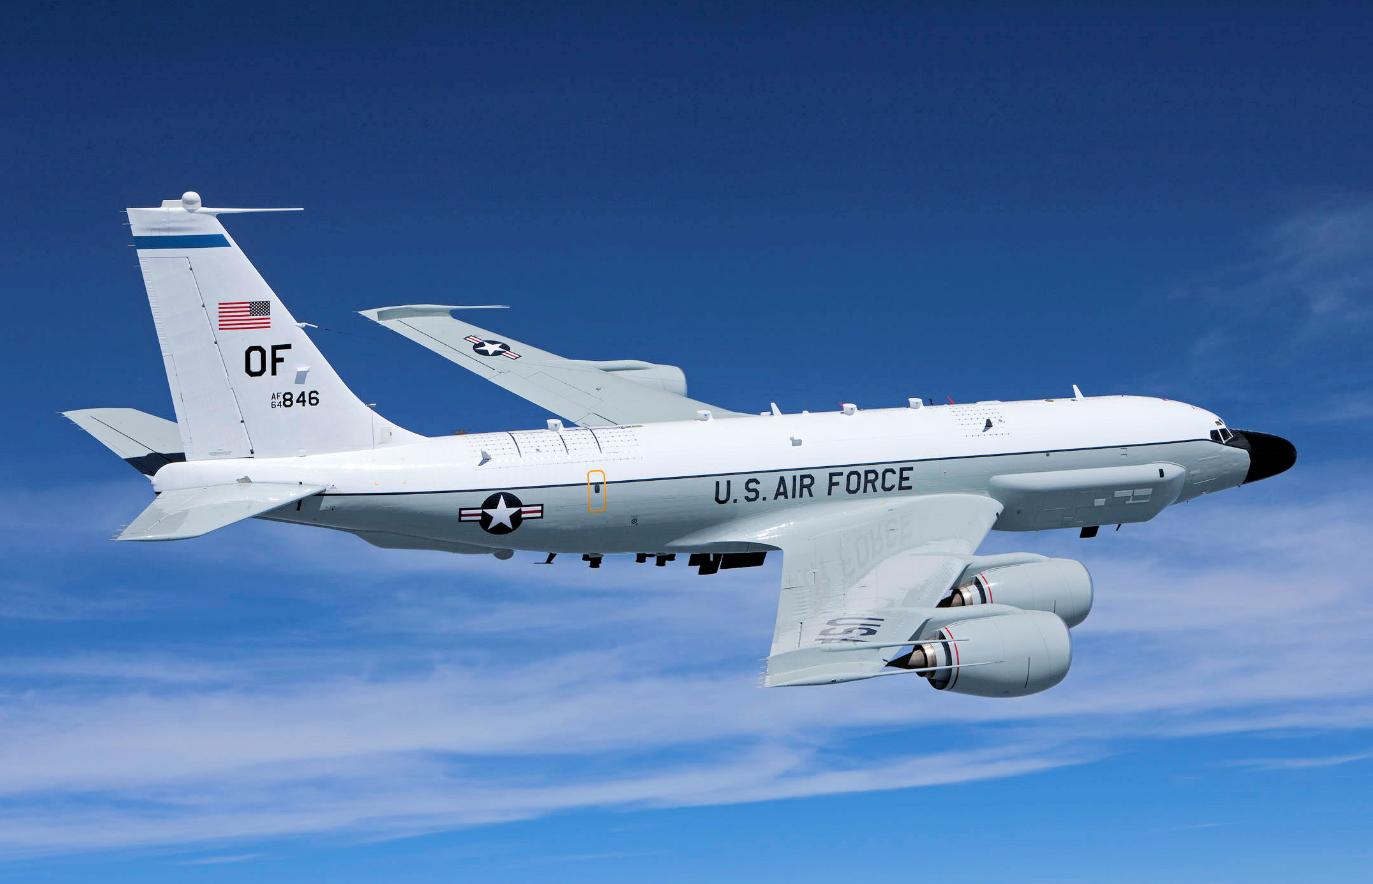 【摩天测速】美摩天测速军和解放军战机又同时现图片